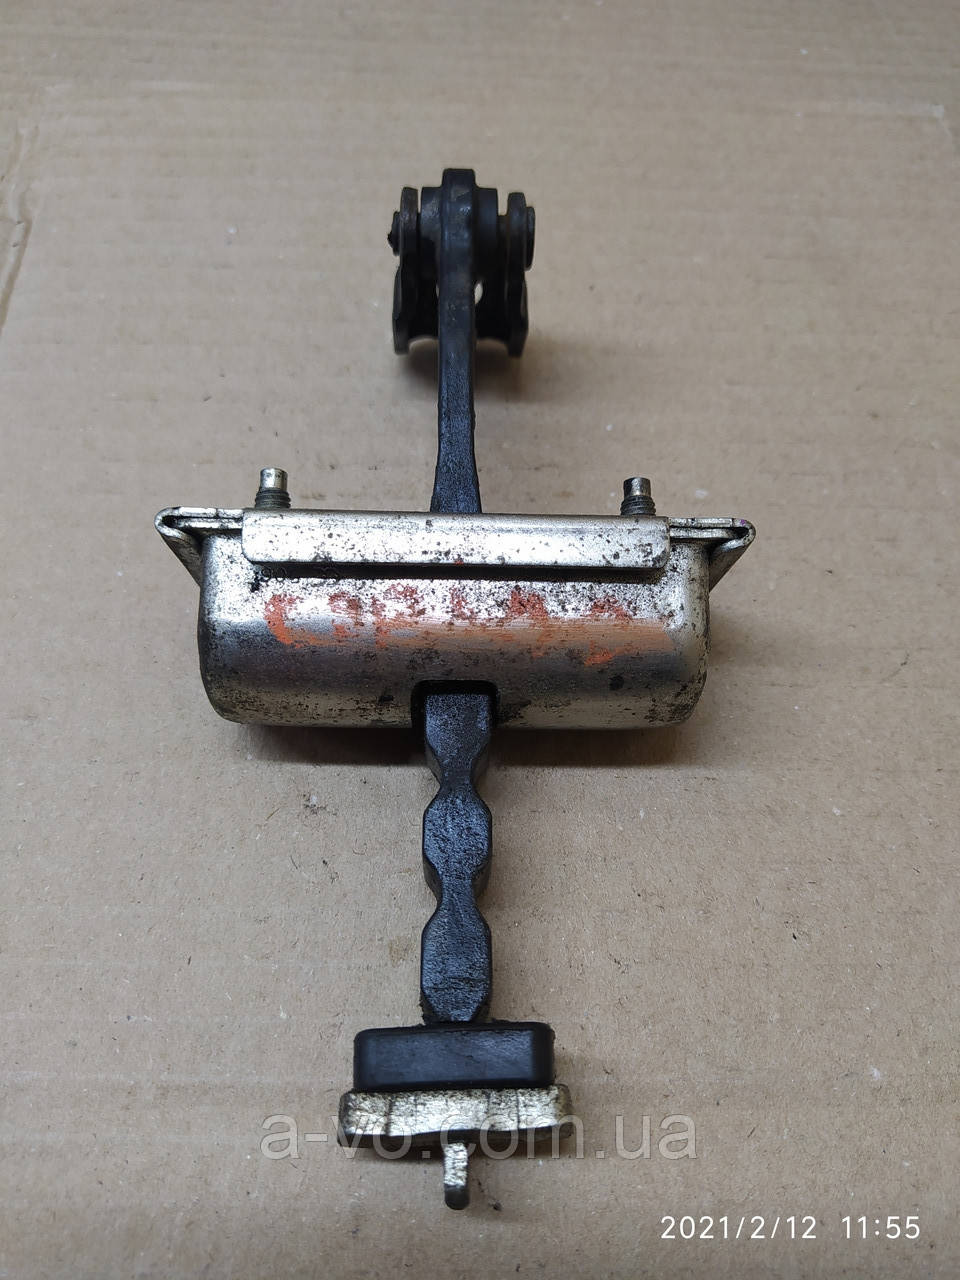 Ограничитель передней правой двери Opel Corsa D 13180682